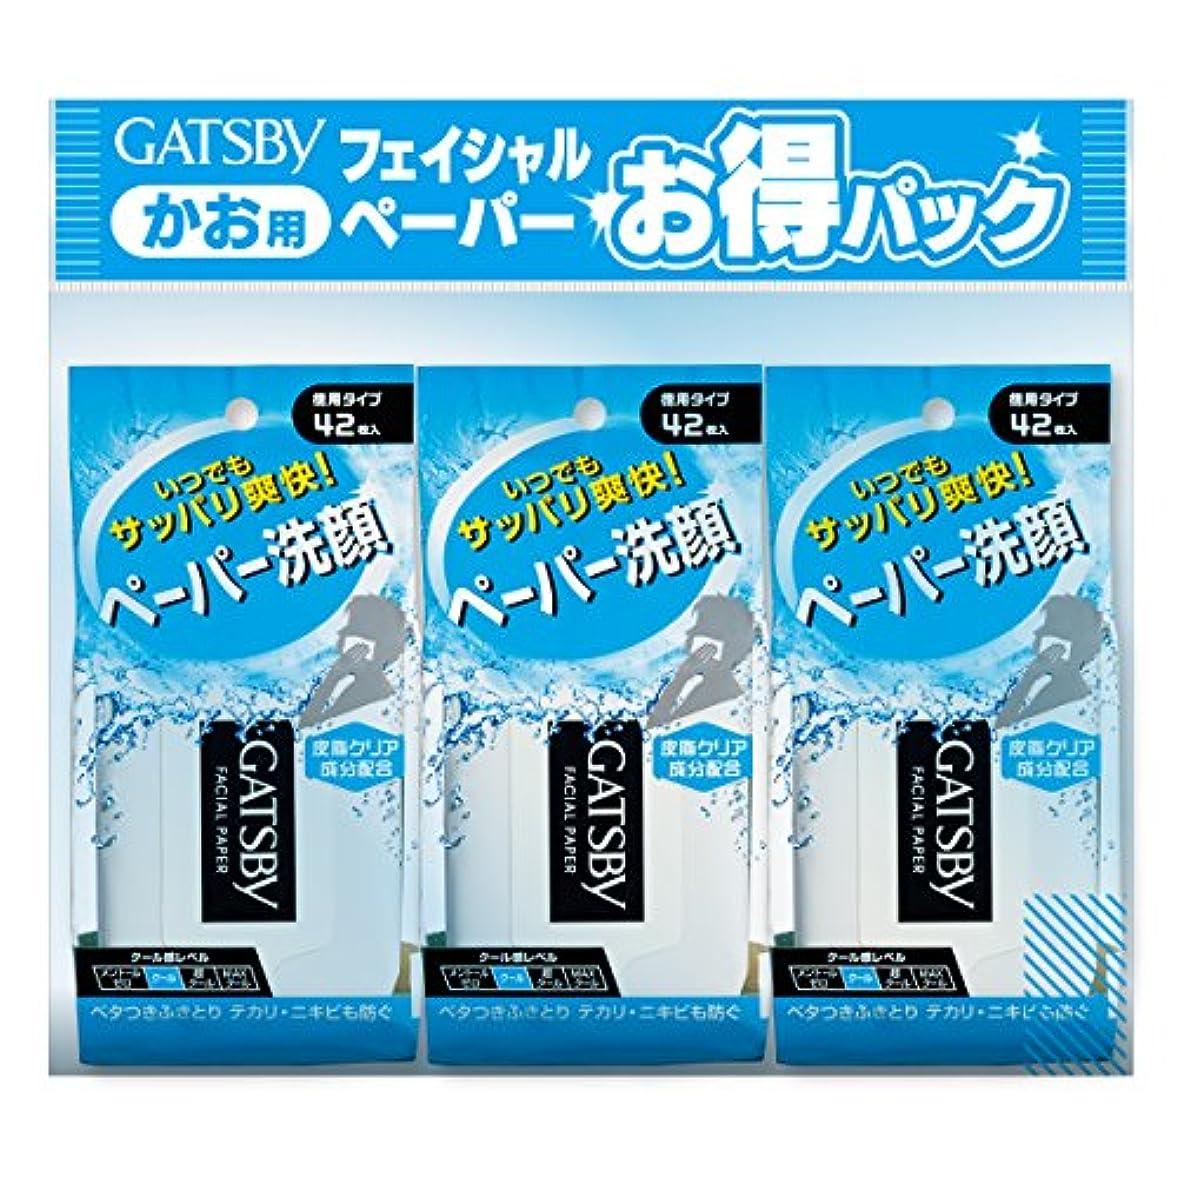 ラベル人ラビリンス【Amazon.co.jp限定】 GATSBY(ギャツビー) ギャツビー(GATSBY) フェイシャルペーパー 徳用42枚×3個パック